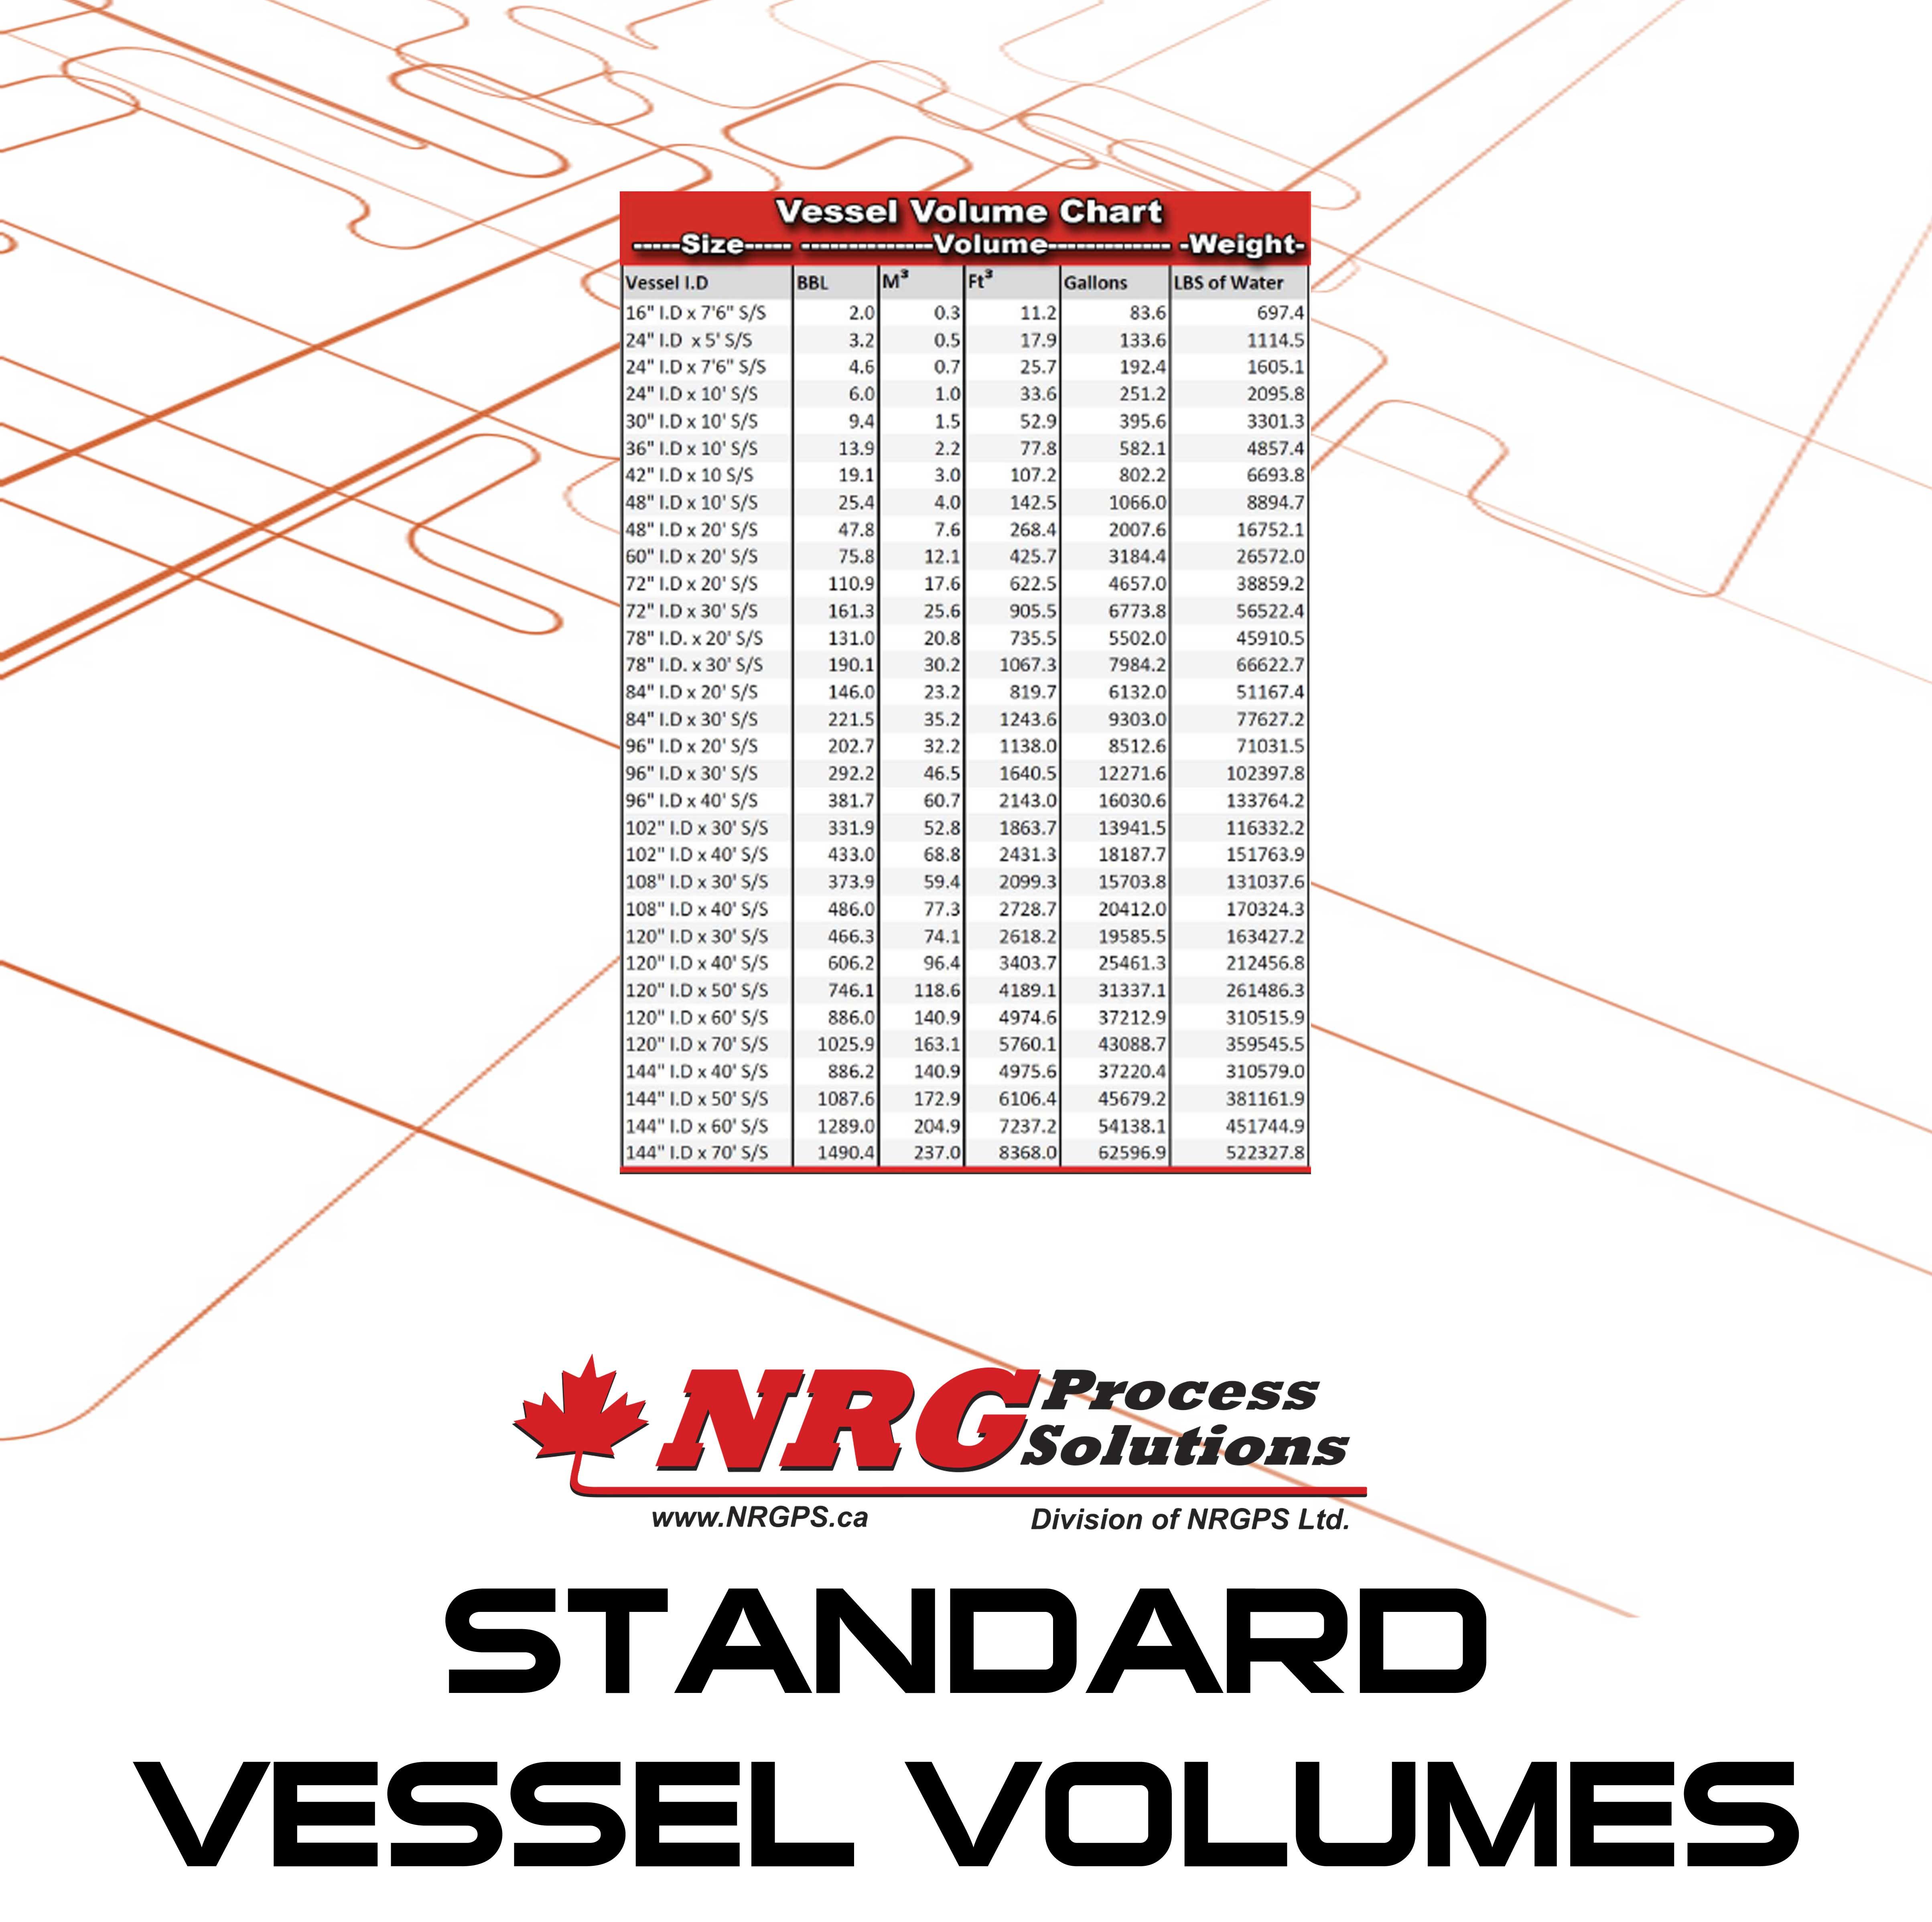 Standard-Vessel-Volume-Button